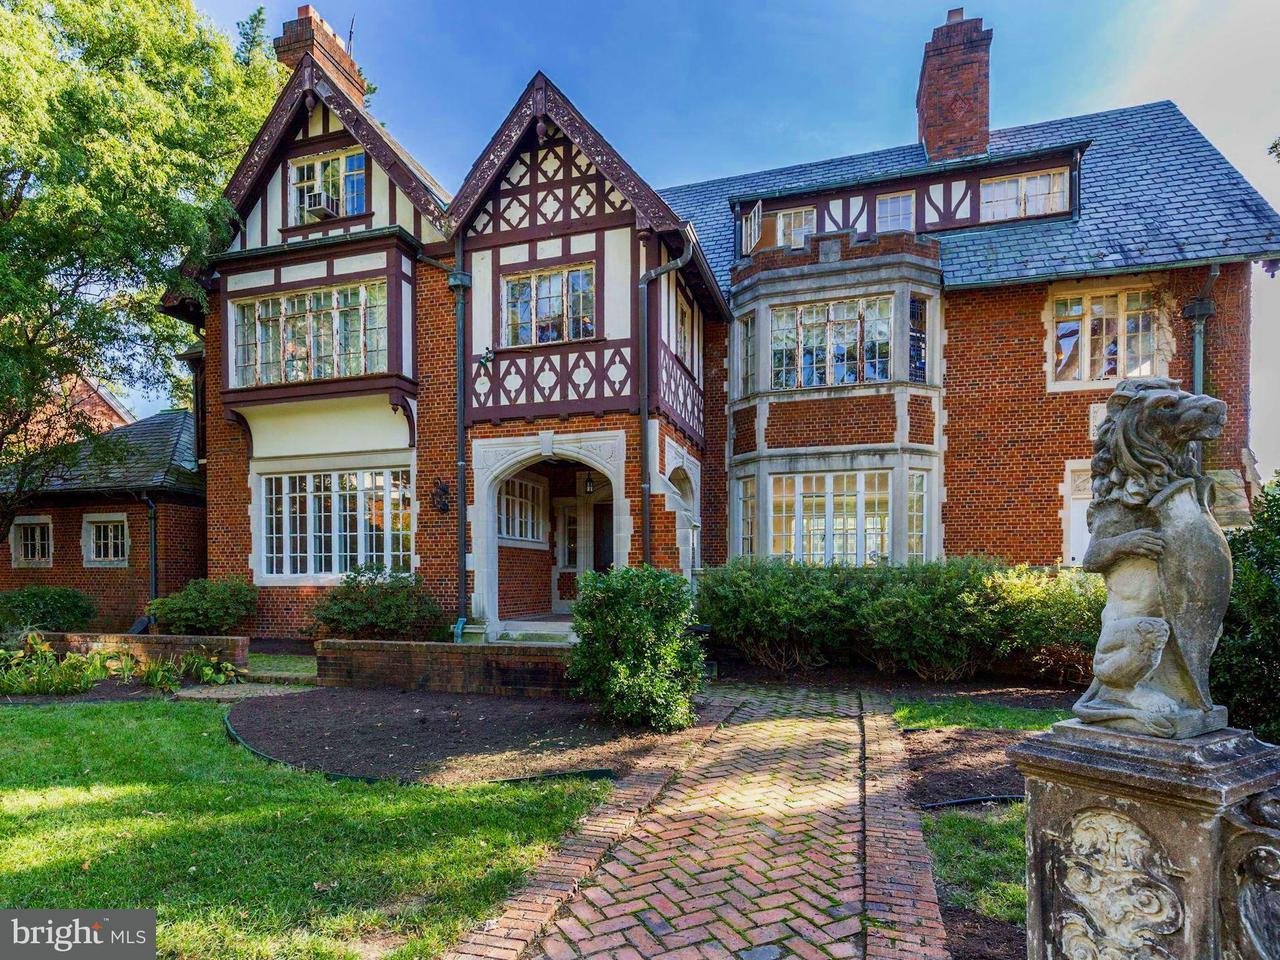 Μονοκατοικία για την Πώληση στο 4801 BLAGDEN AVE NW 4801 BLAGDEN AVE NW Washington, Περιφερεια Τησ Κολουμπια 20011 Ηνωμενεσ Πολιτειεσ